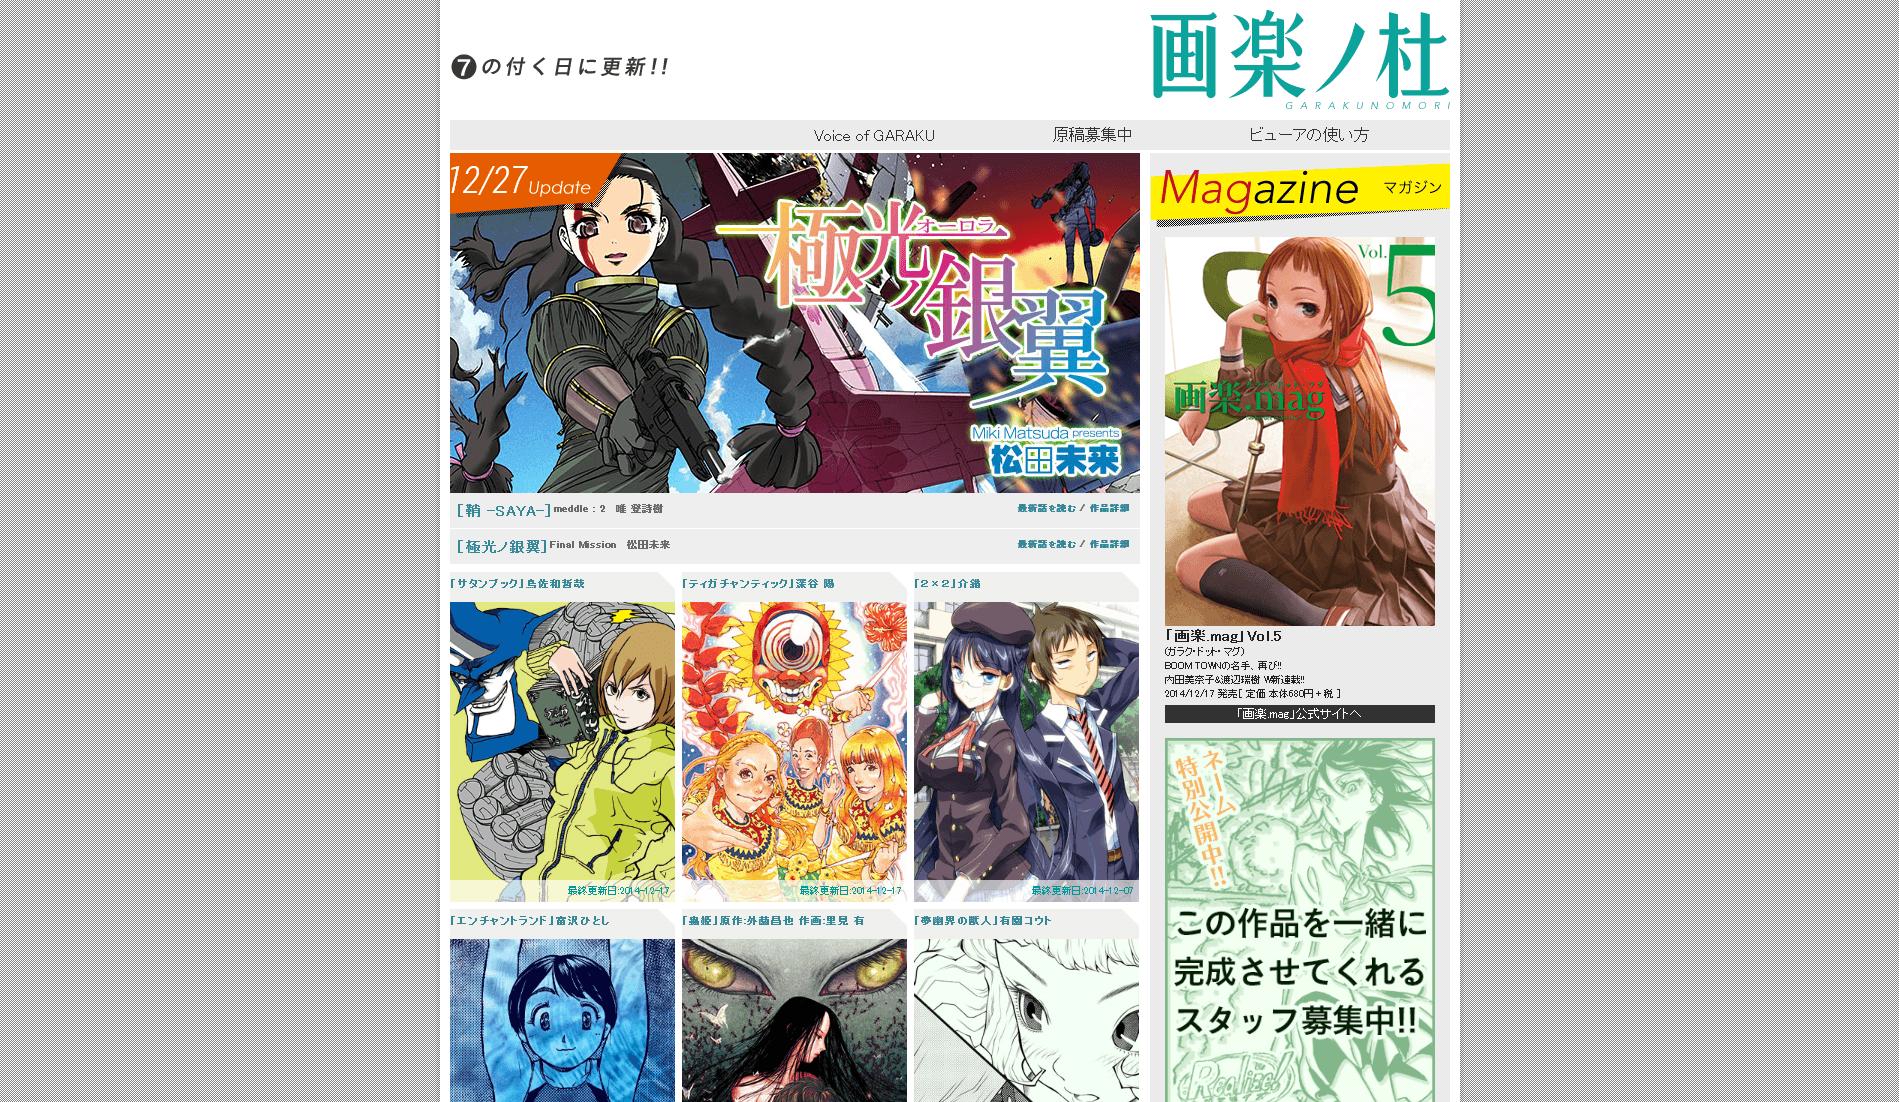 画楽ノ杜 - コミック新大陸へ!!